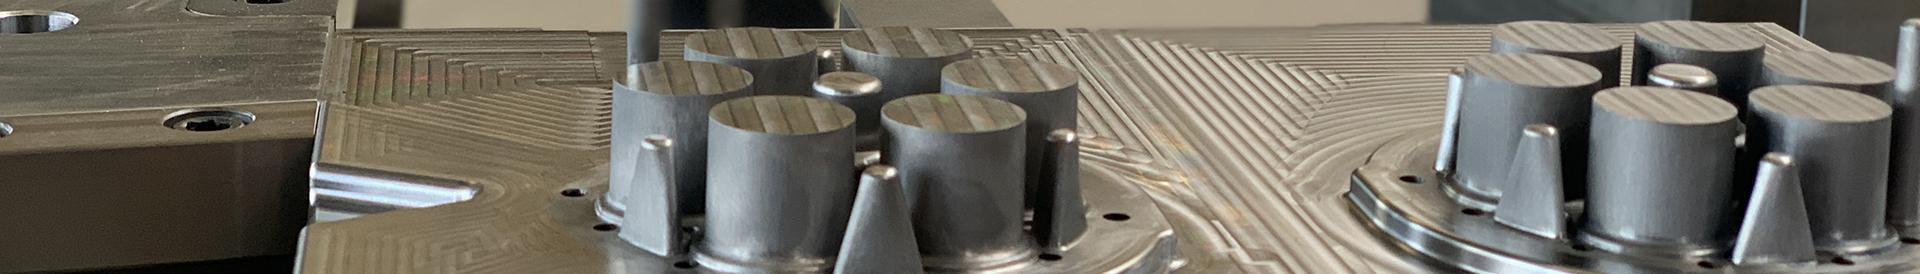 baner - elementy produkcyjne